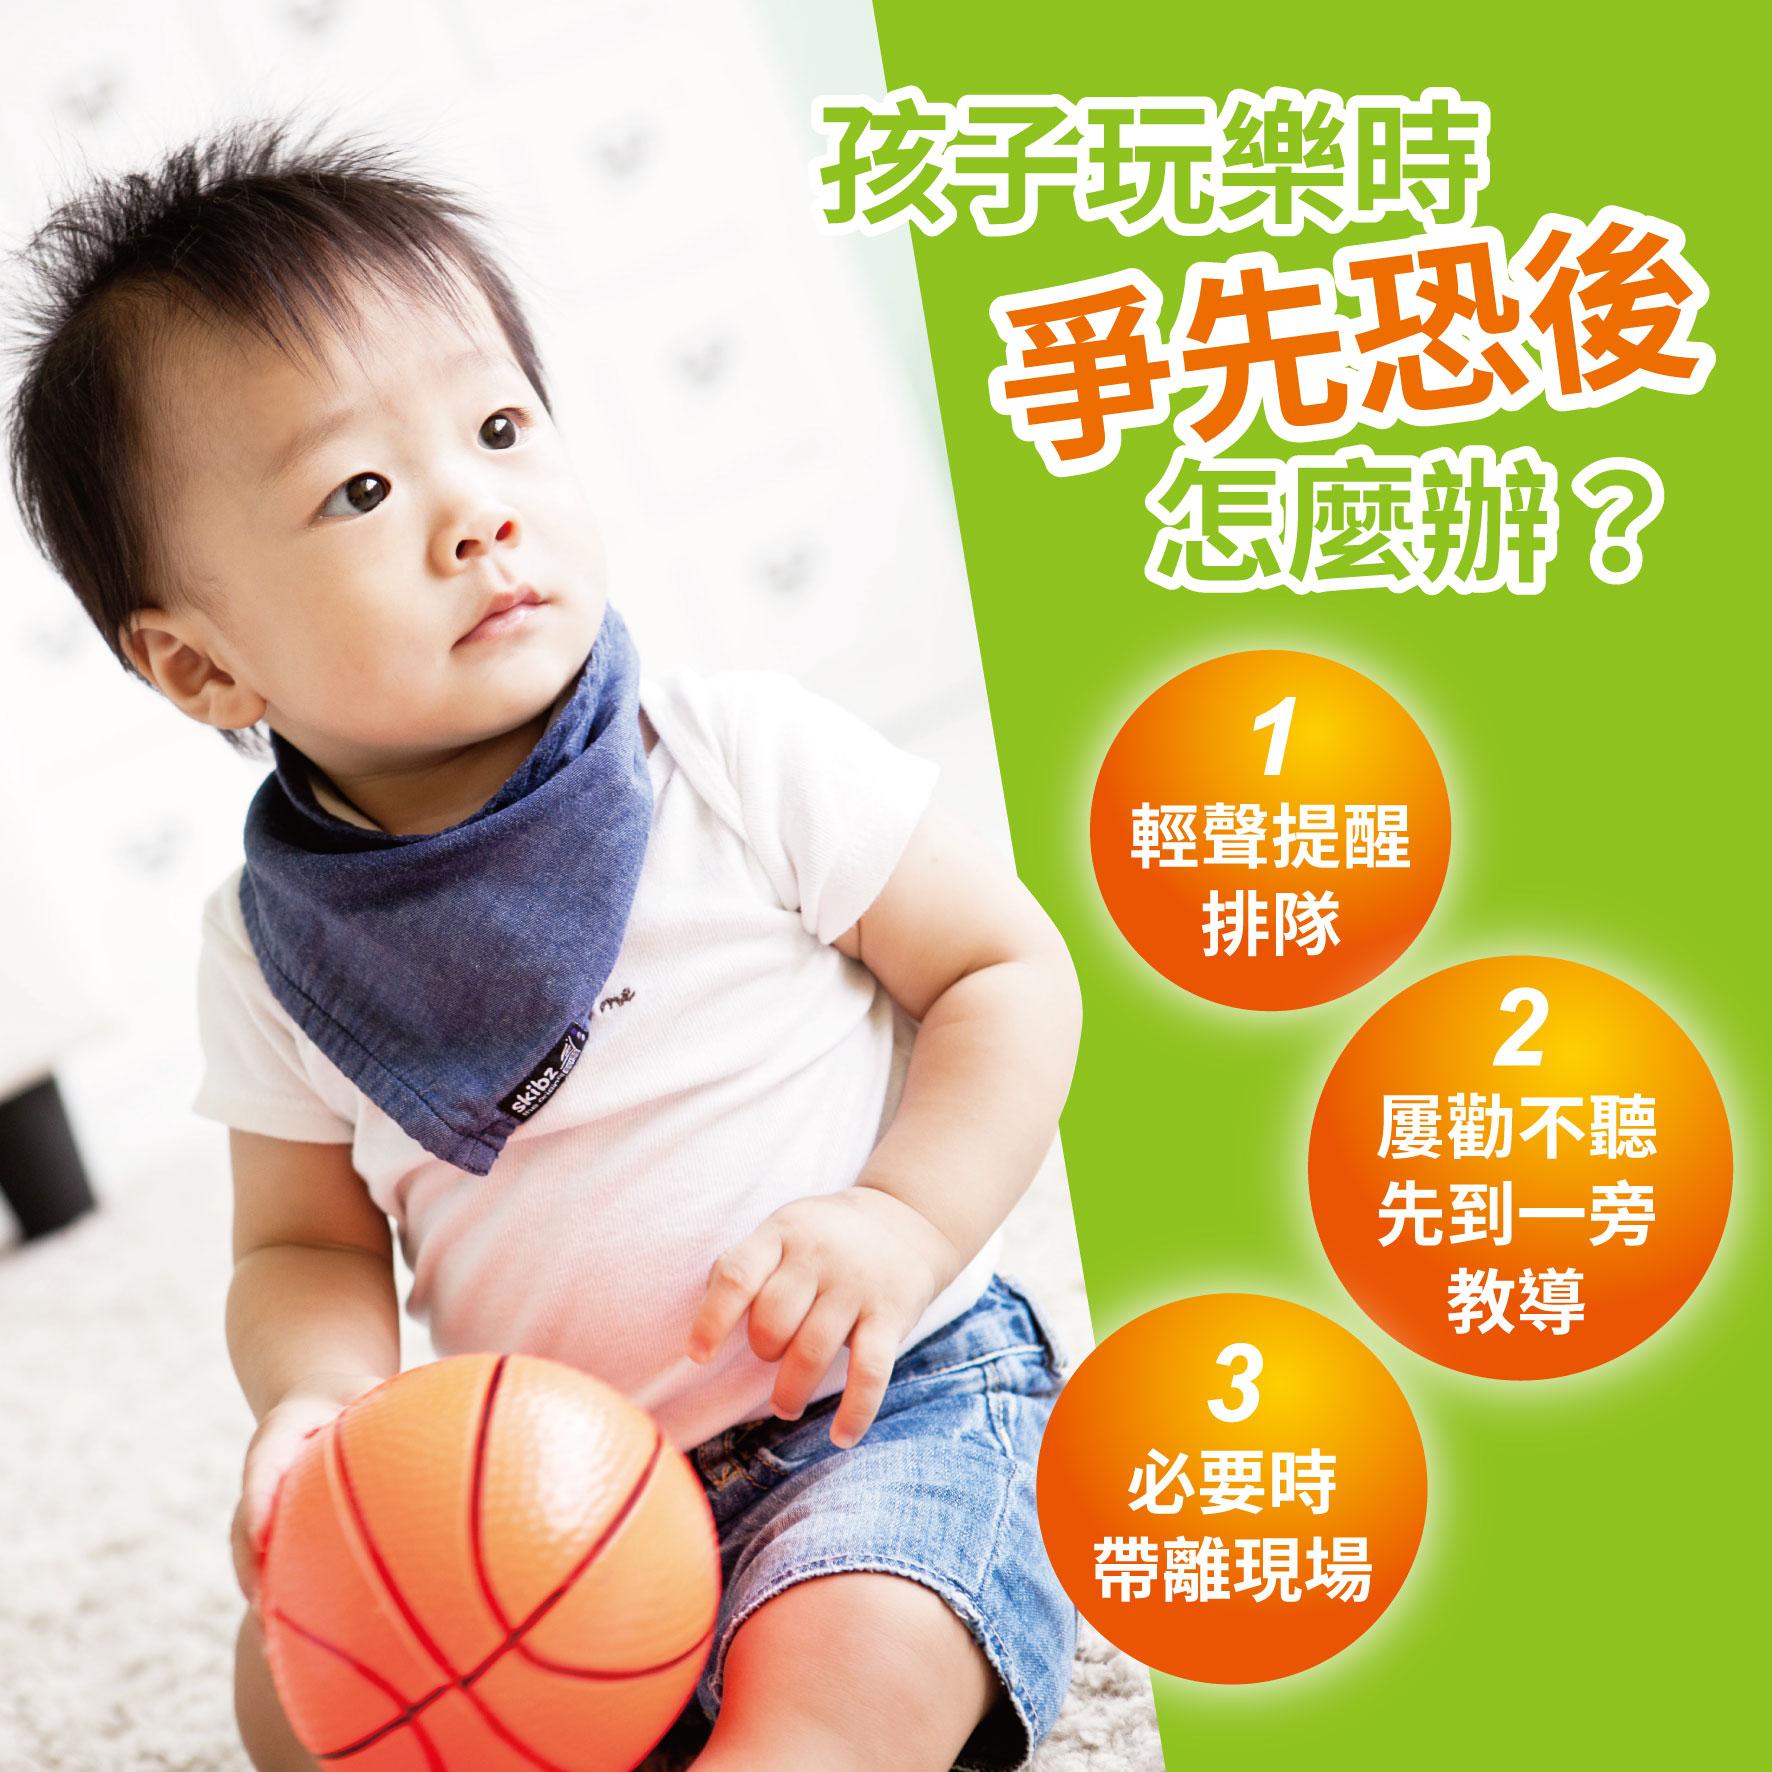 幼兒3歲 (第22週)孩子玩樂時爭先恐後怎麼辦?